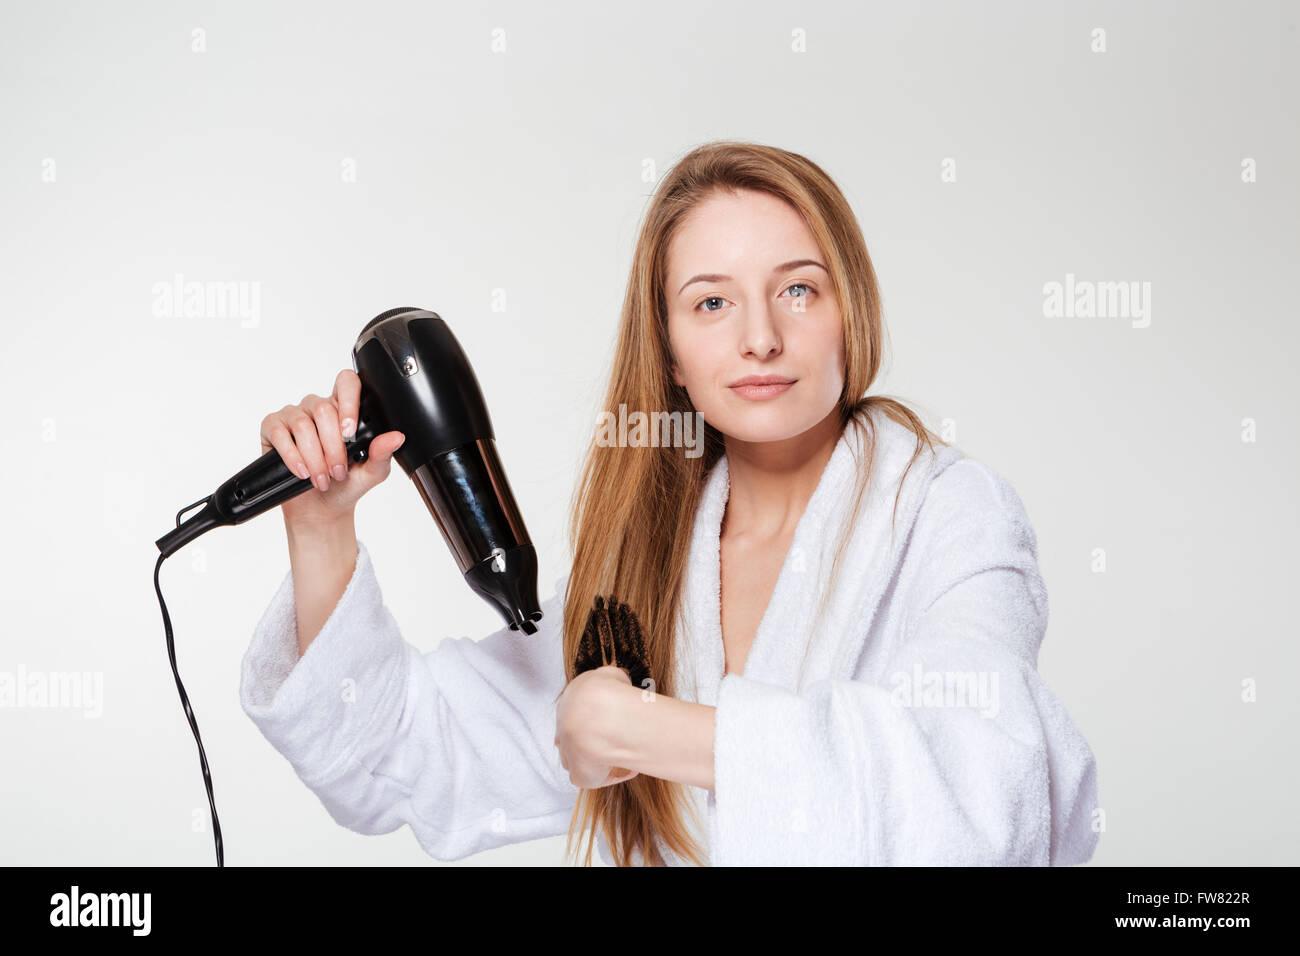 Bella mujer secar su cabello aislado sobre un fondo blanco. Imagen De Stock